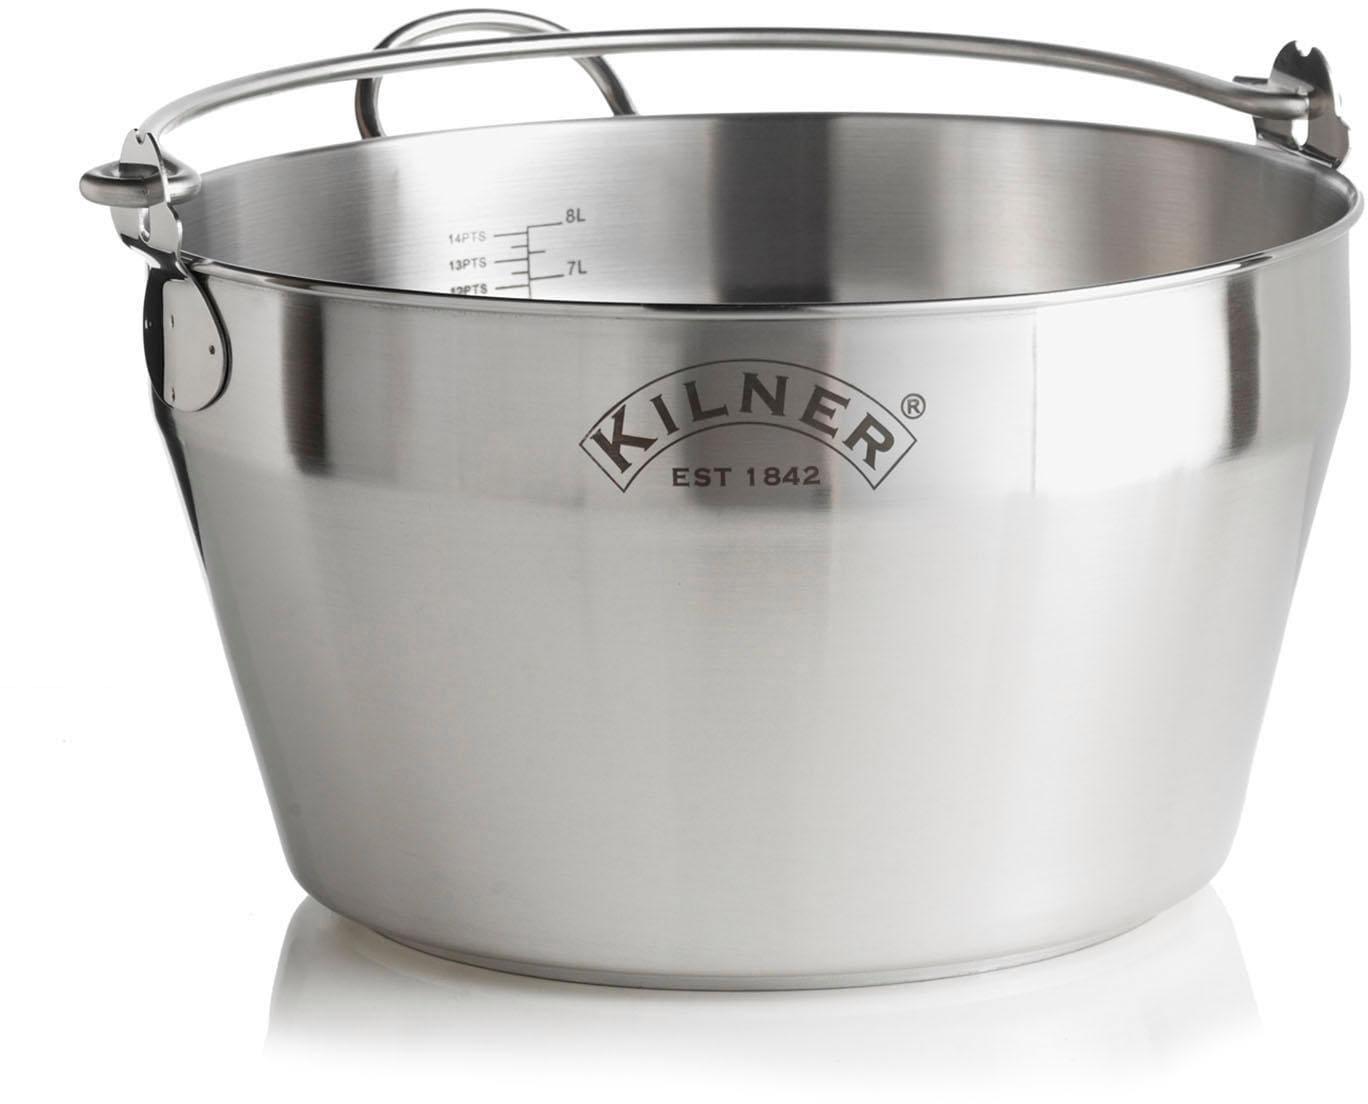 KILNER Einkochtopf, Edelstahl, (1 tlg.), 8 Liter, Induktion silberfarben Weitere Töpfe Haushaltswaren Einkochtopf